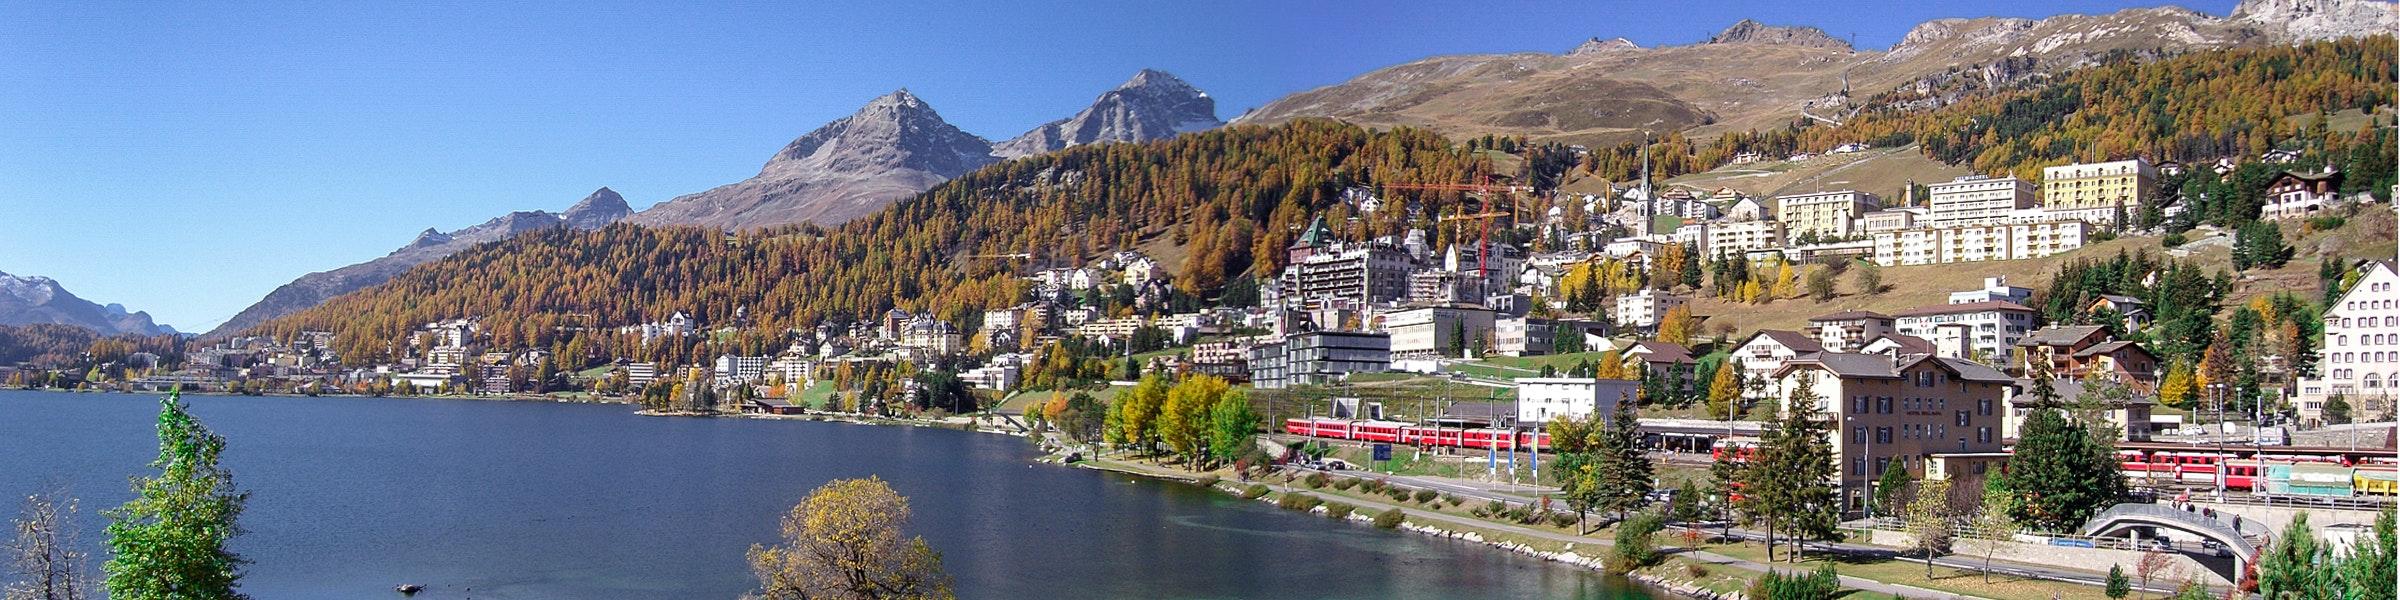 St. Moritz meer